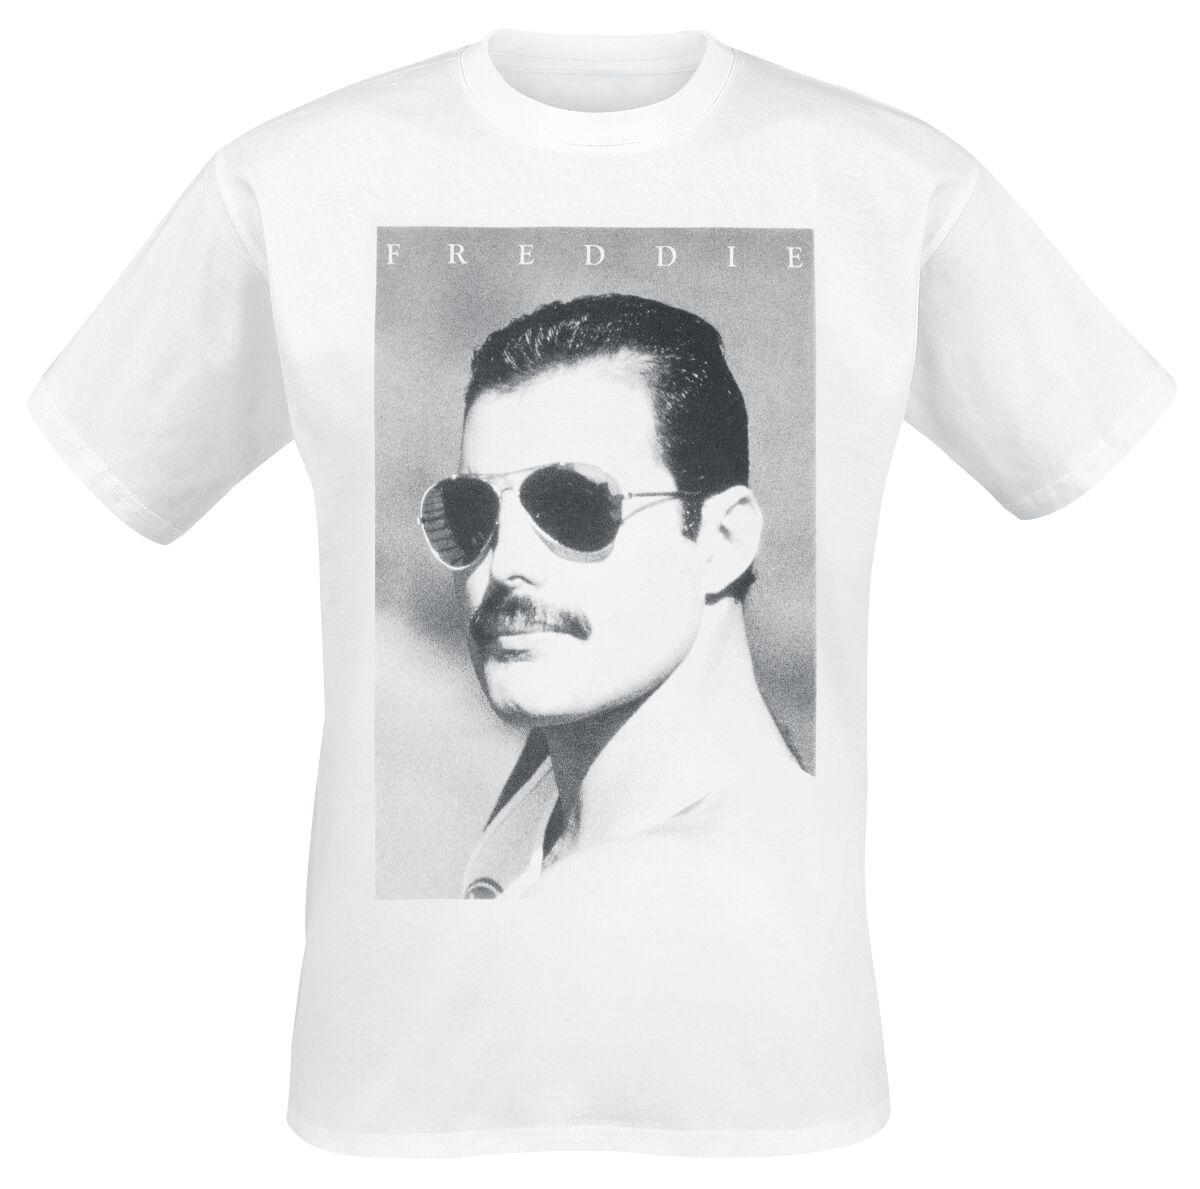 Zespoły - Koszulki - T-Shirt Queen Freddie Mercury - Sunglasses T-Shirt biały - 358095